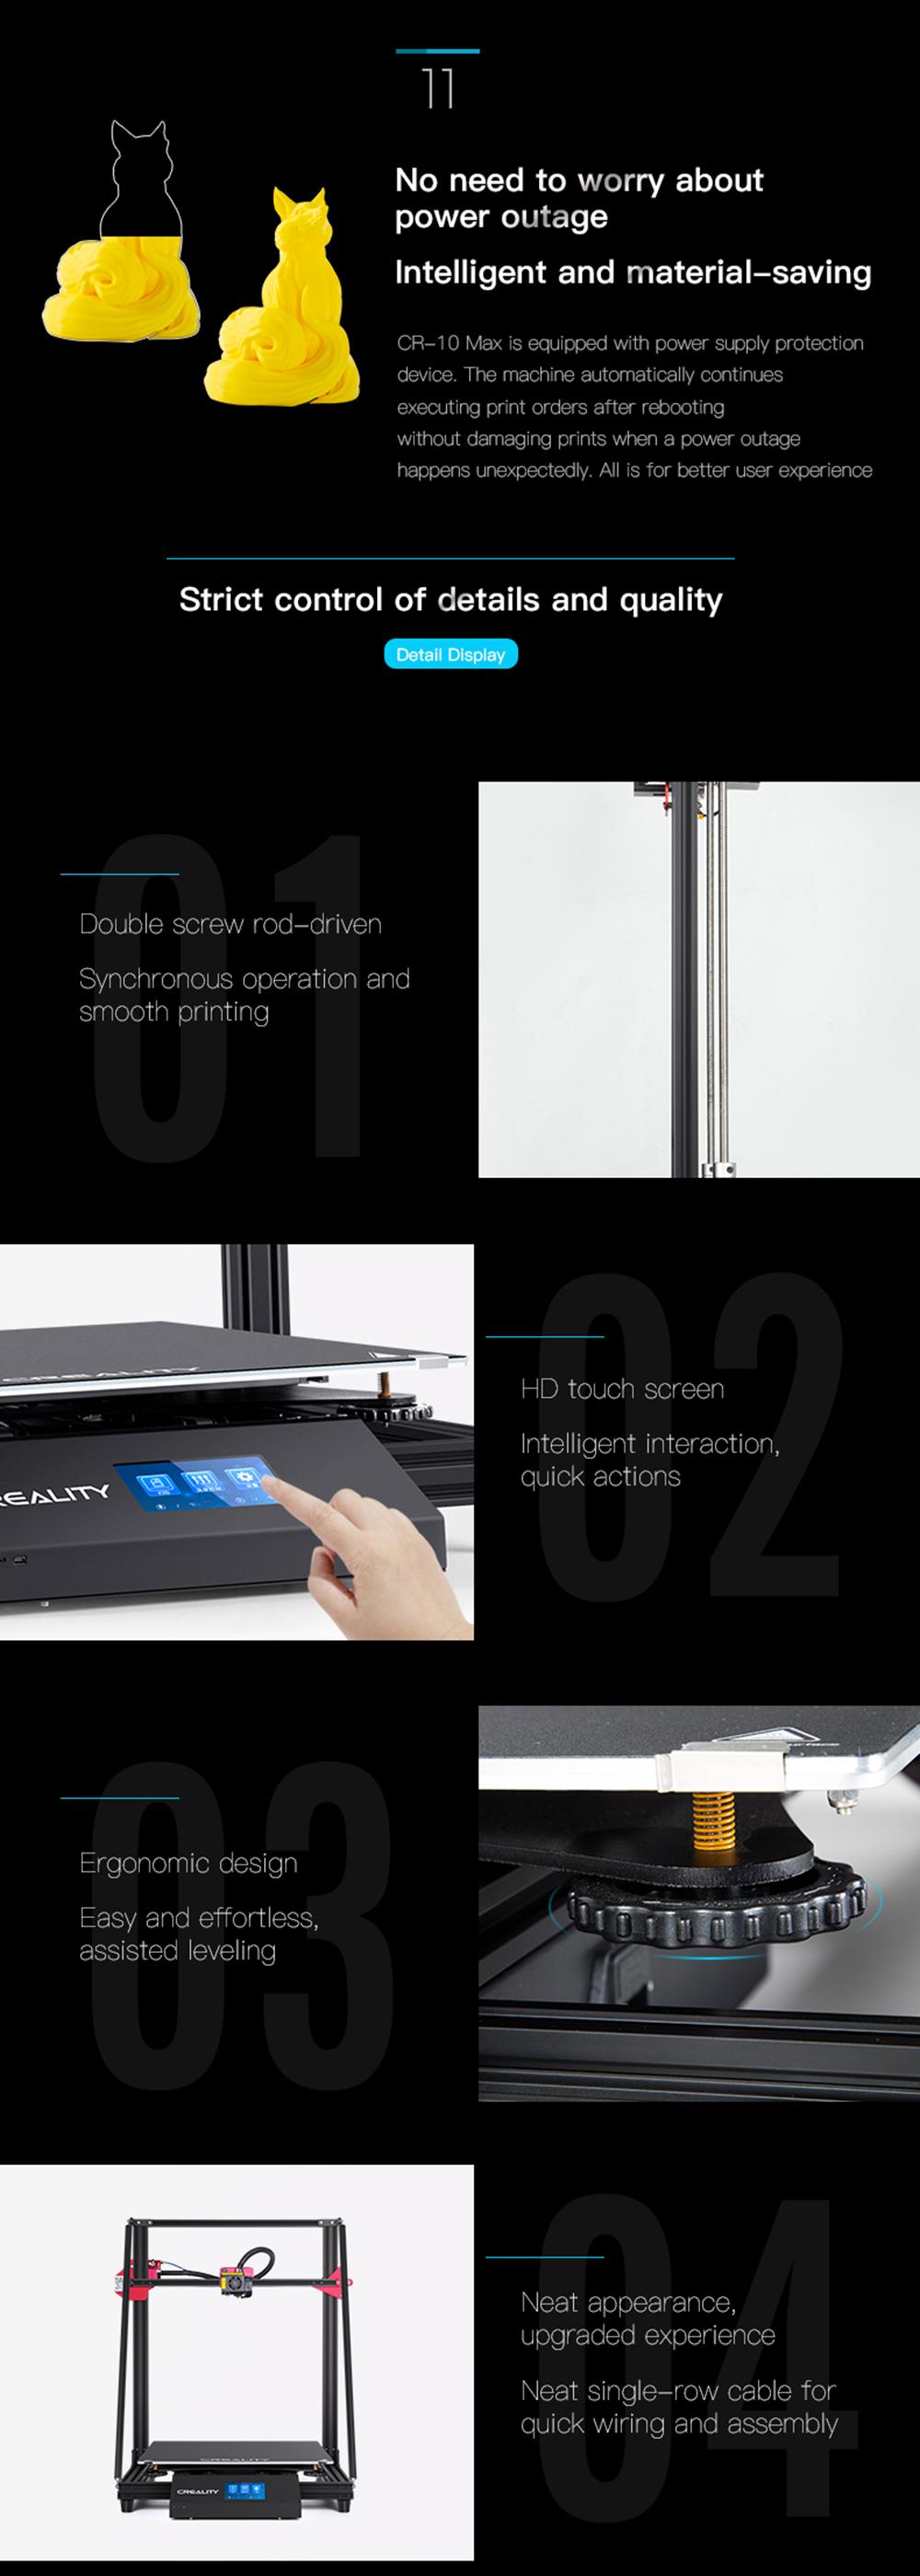 Creality3D CR-10 Max 3D-Drucker Bausatz - 450x450x470mm - Resume Printing Funktion - Dualer Z-Achsen Antrieb - HD Touch-Screen Display - Ergonomische Nivelliermuttern